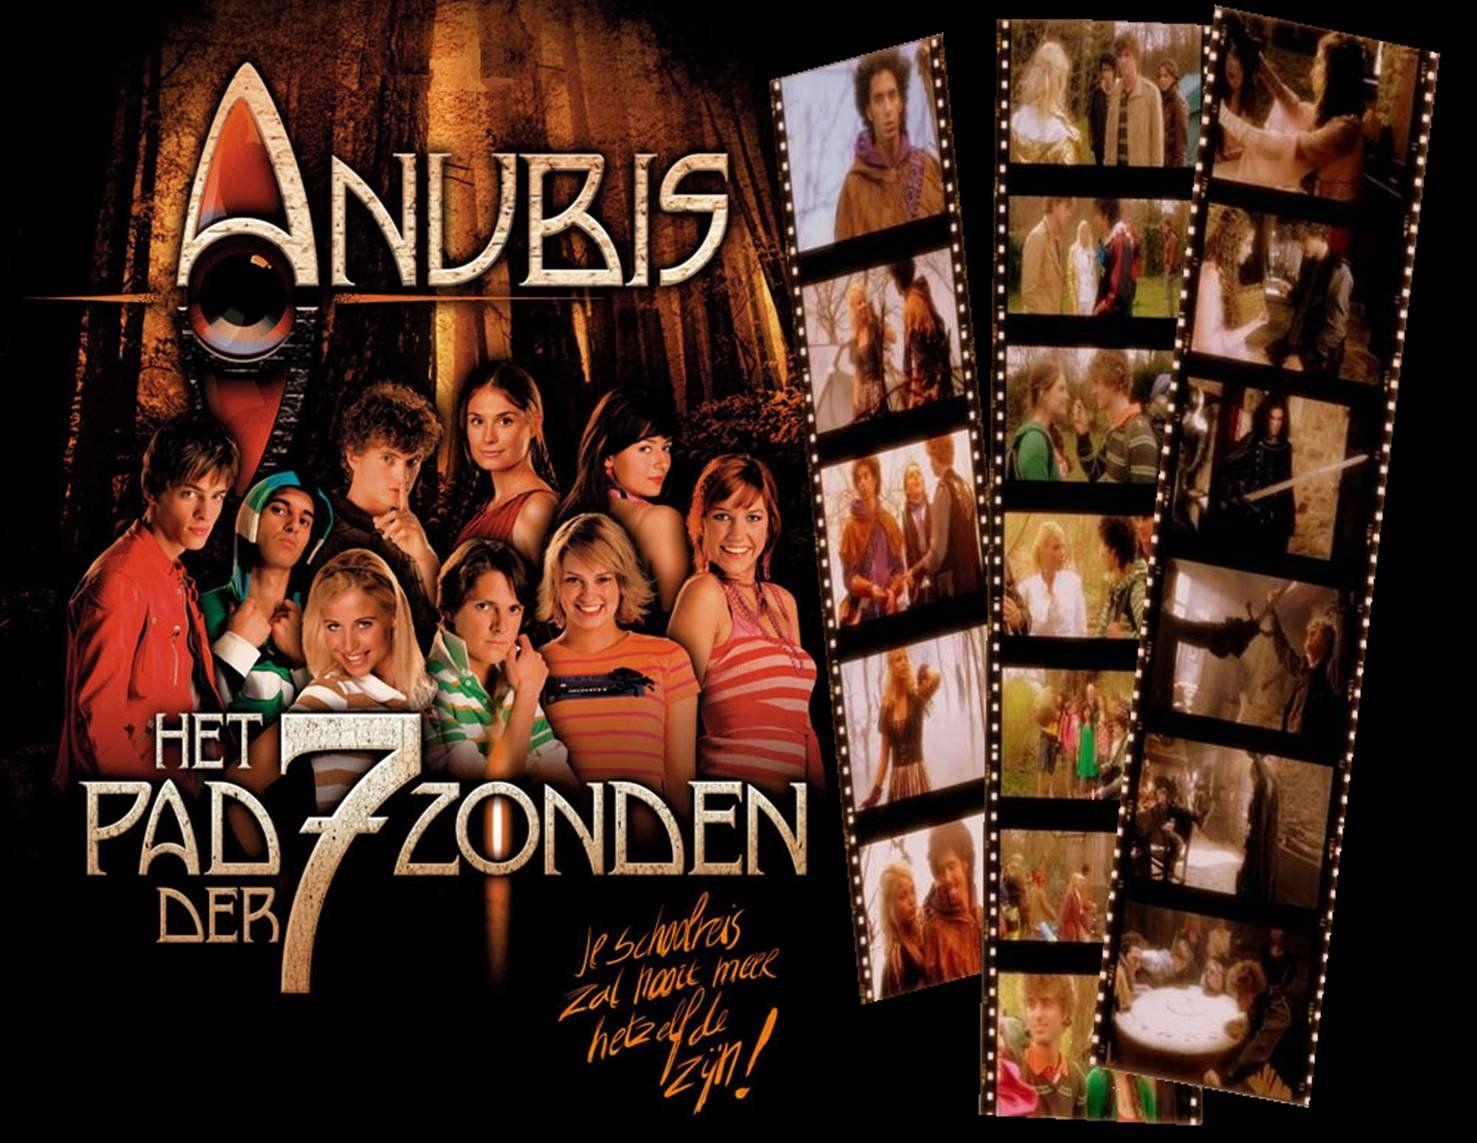 Kleurplaten Van Het Huis Anubis.Het Huis Anubis Het Pad Der 7 Zonden Het Huis Anubis Pinterest